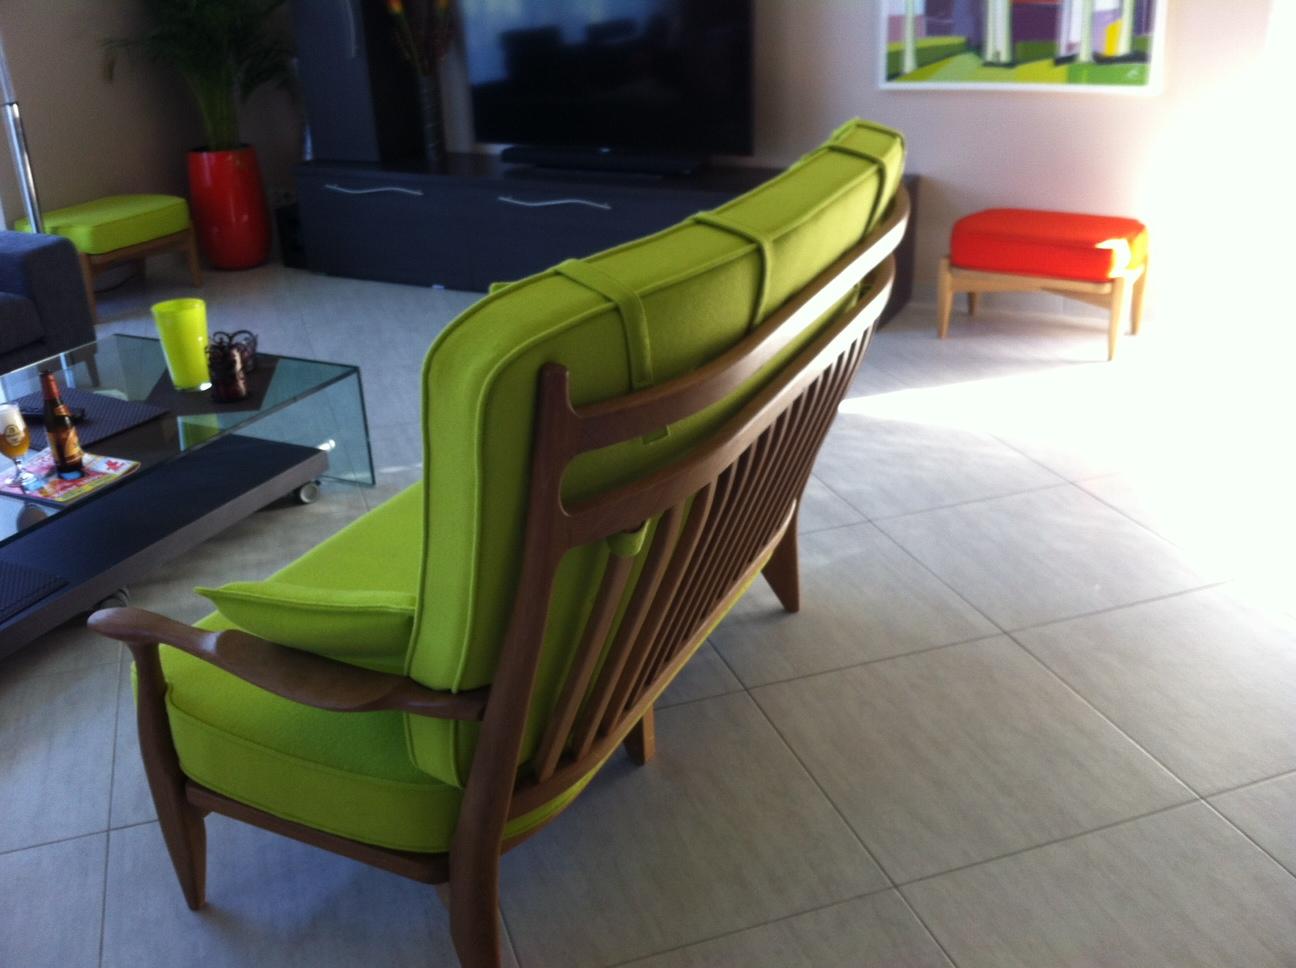 Les meubles votre maison des designers guillerme et - Meubles votre maison ...